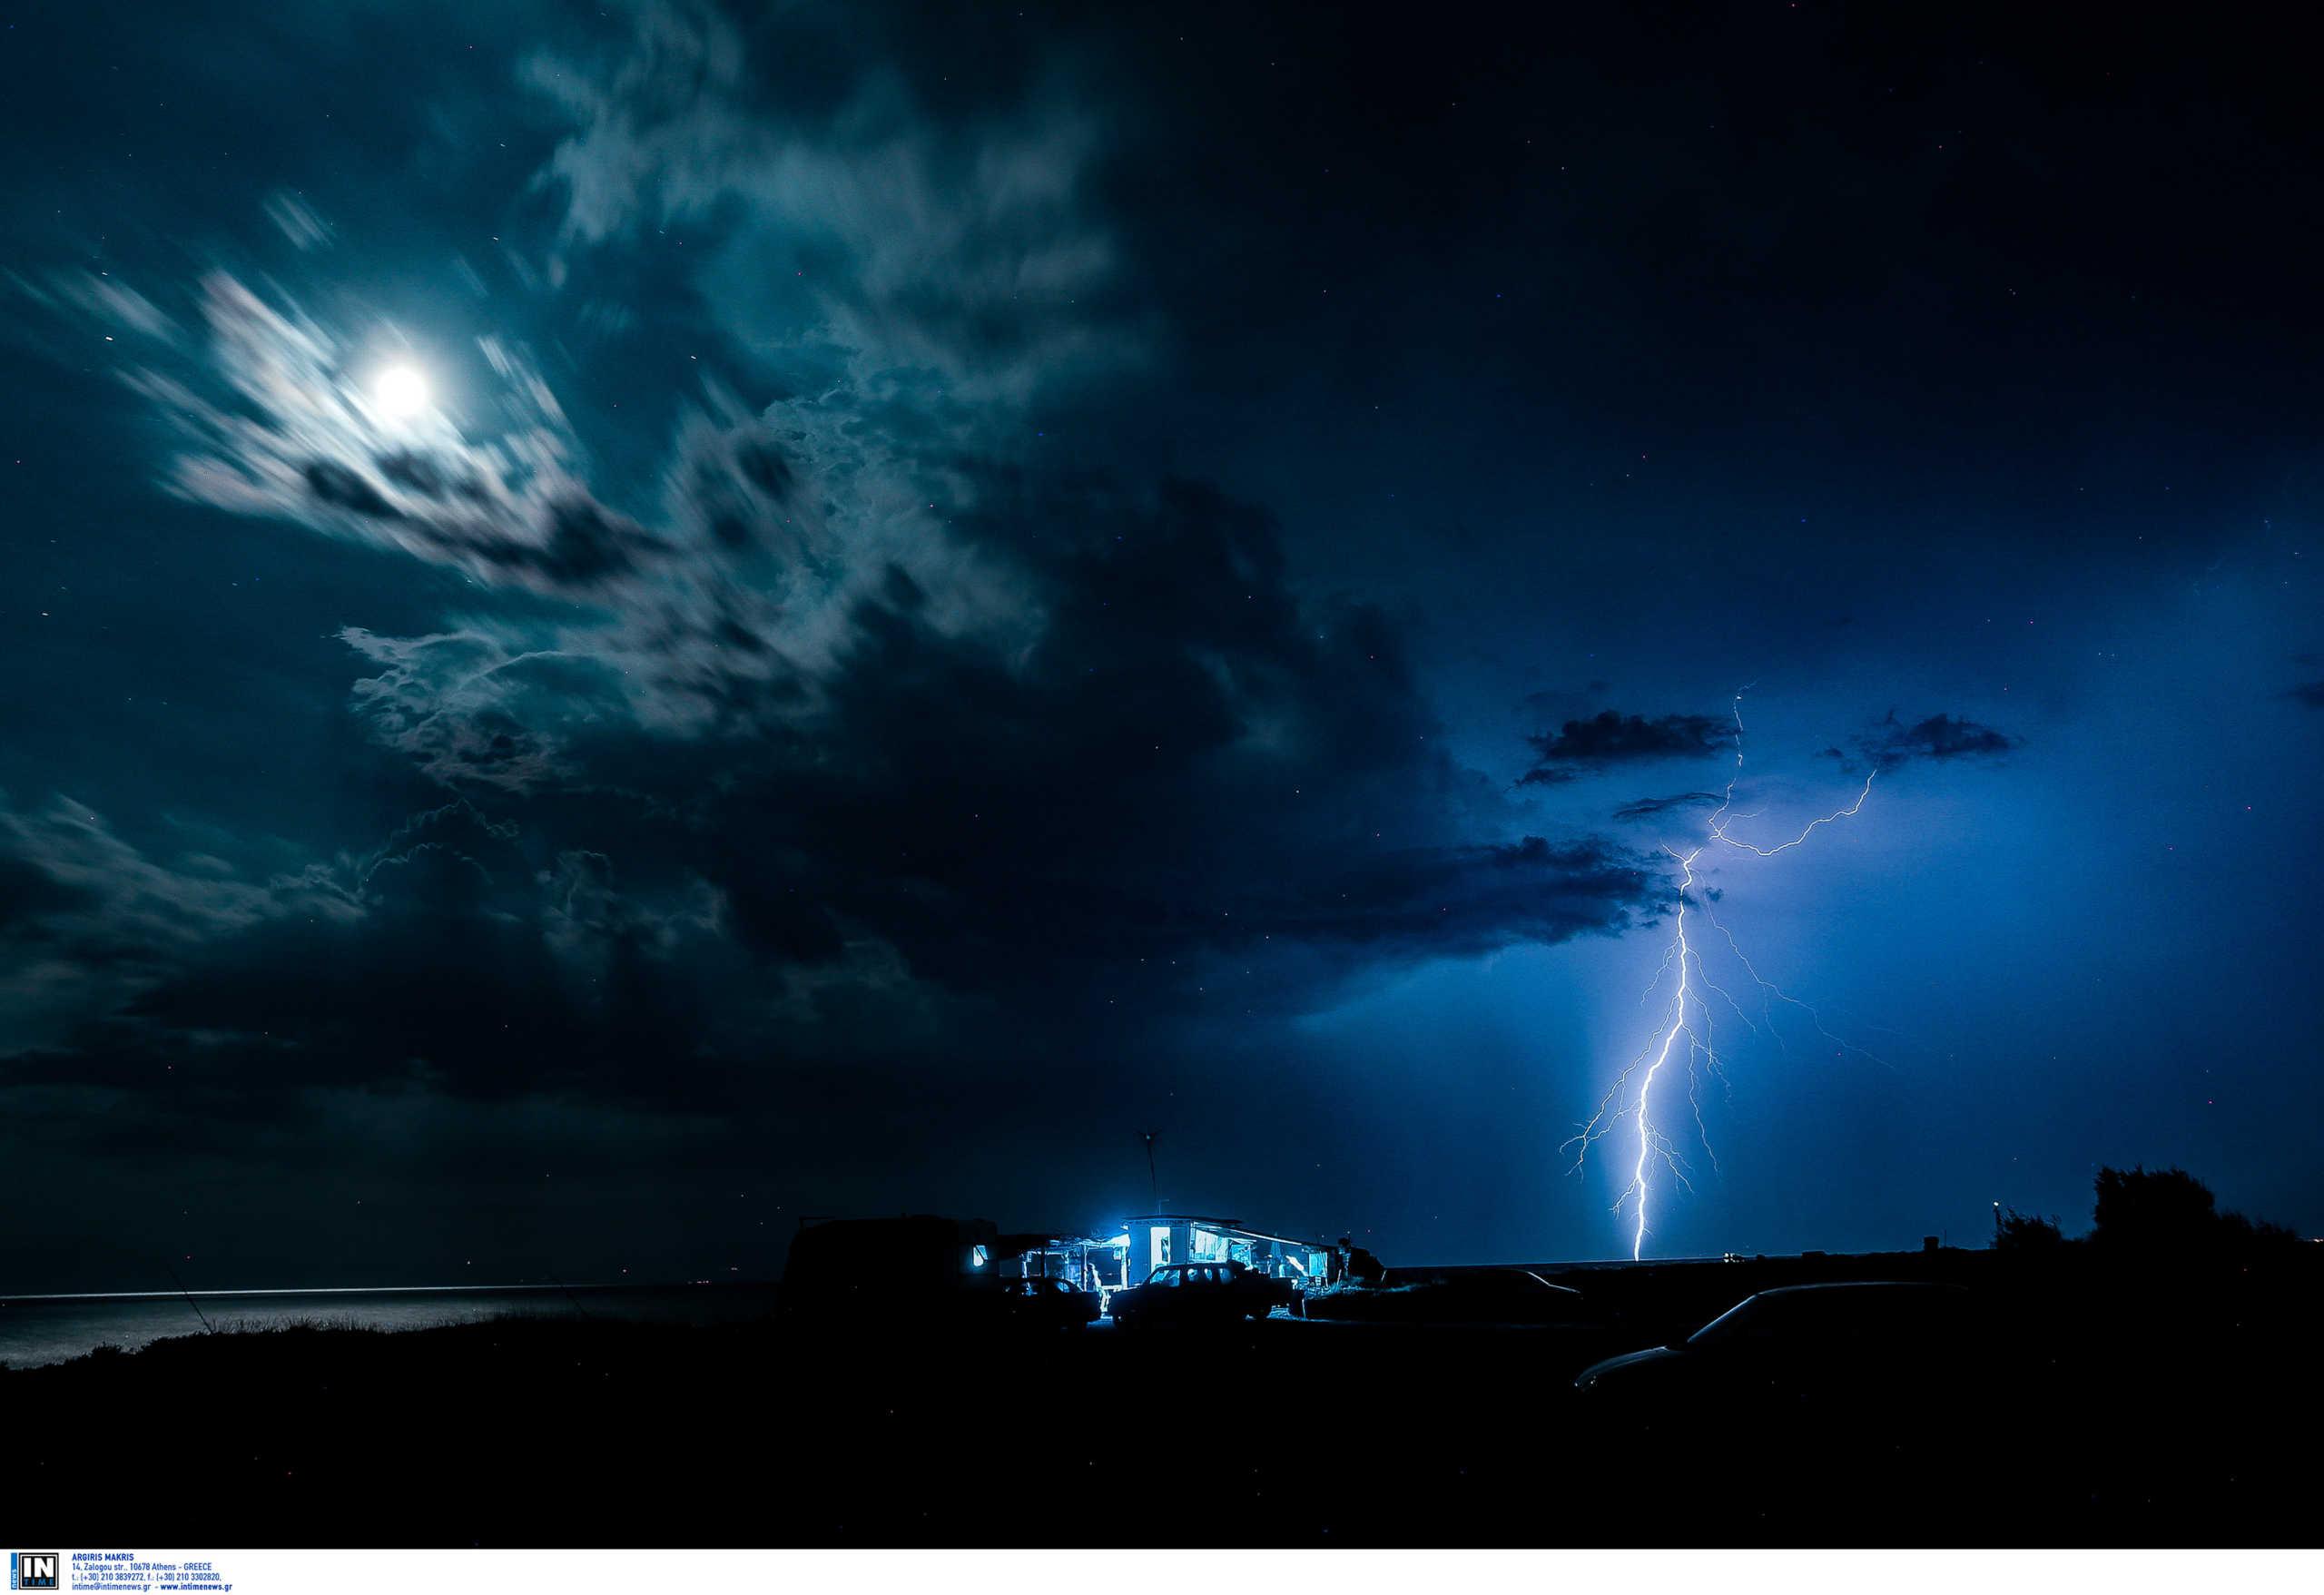 Καιρός: Από τον καύσωνα στις καταιγίδες και το χαλάζι! Έκτακτο δελτίο της ΕΜΥ